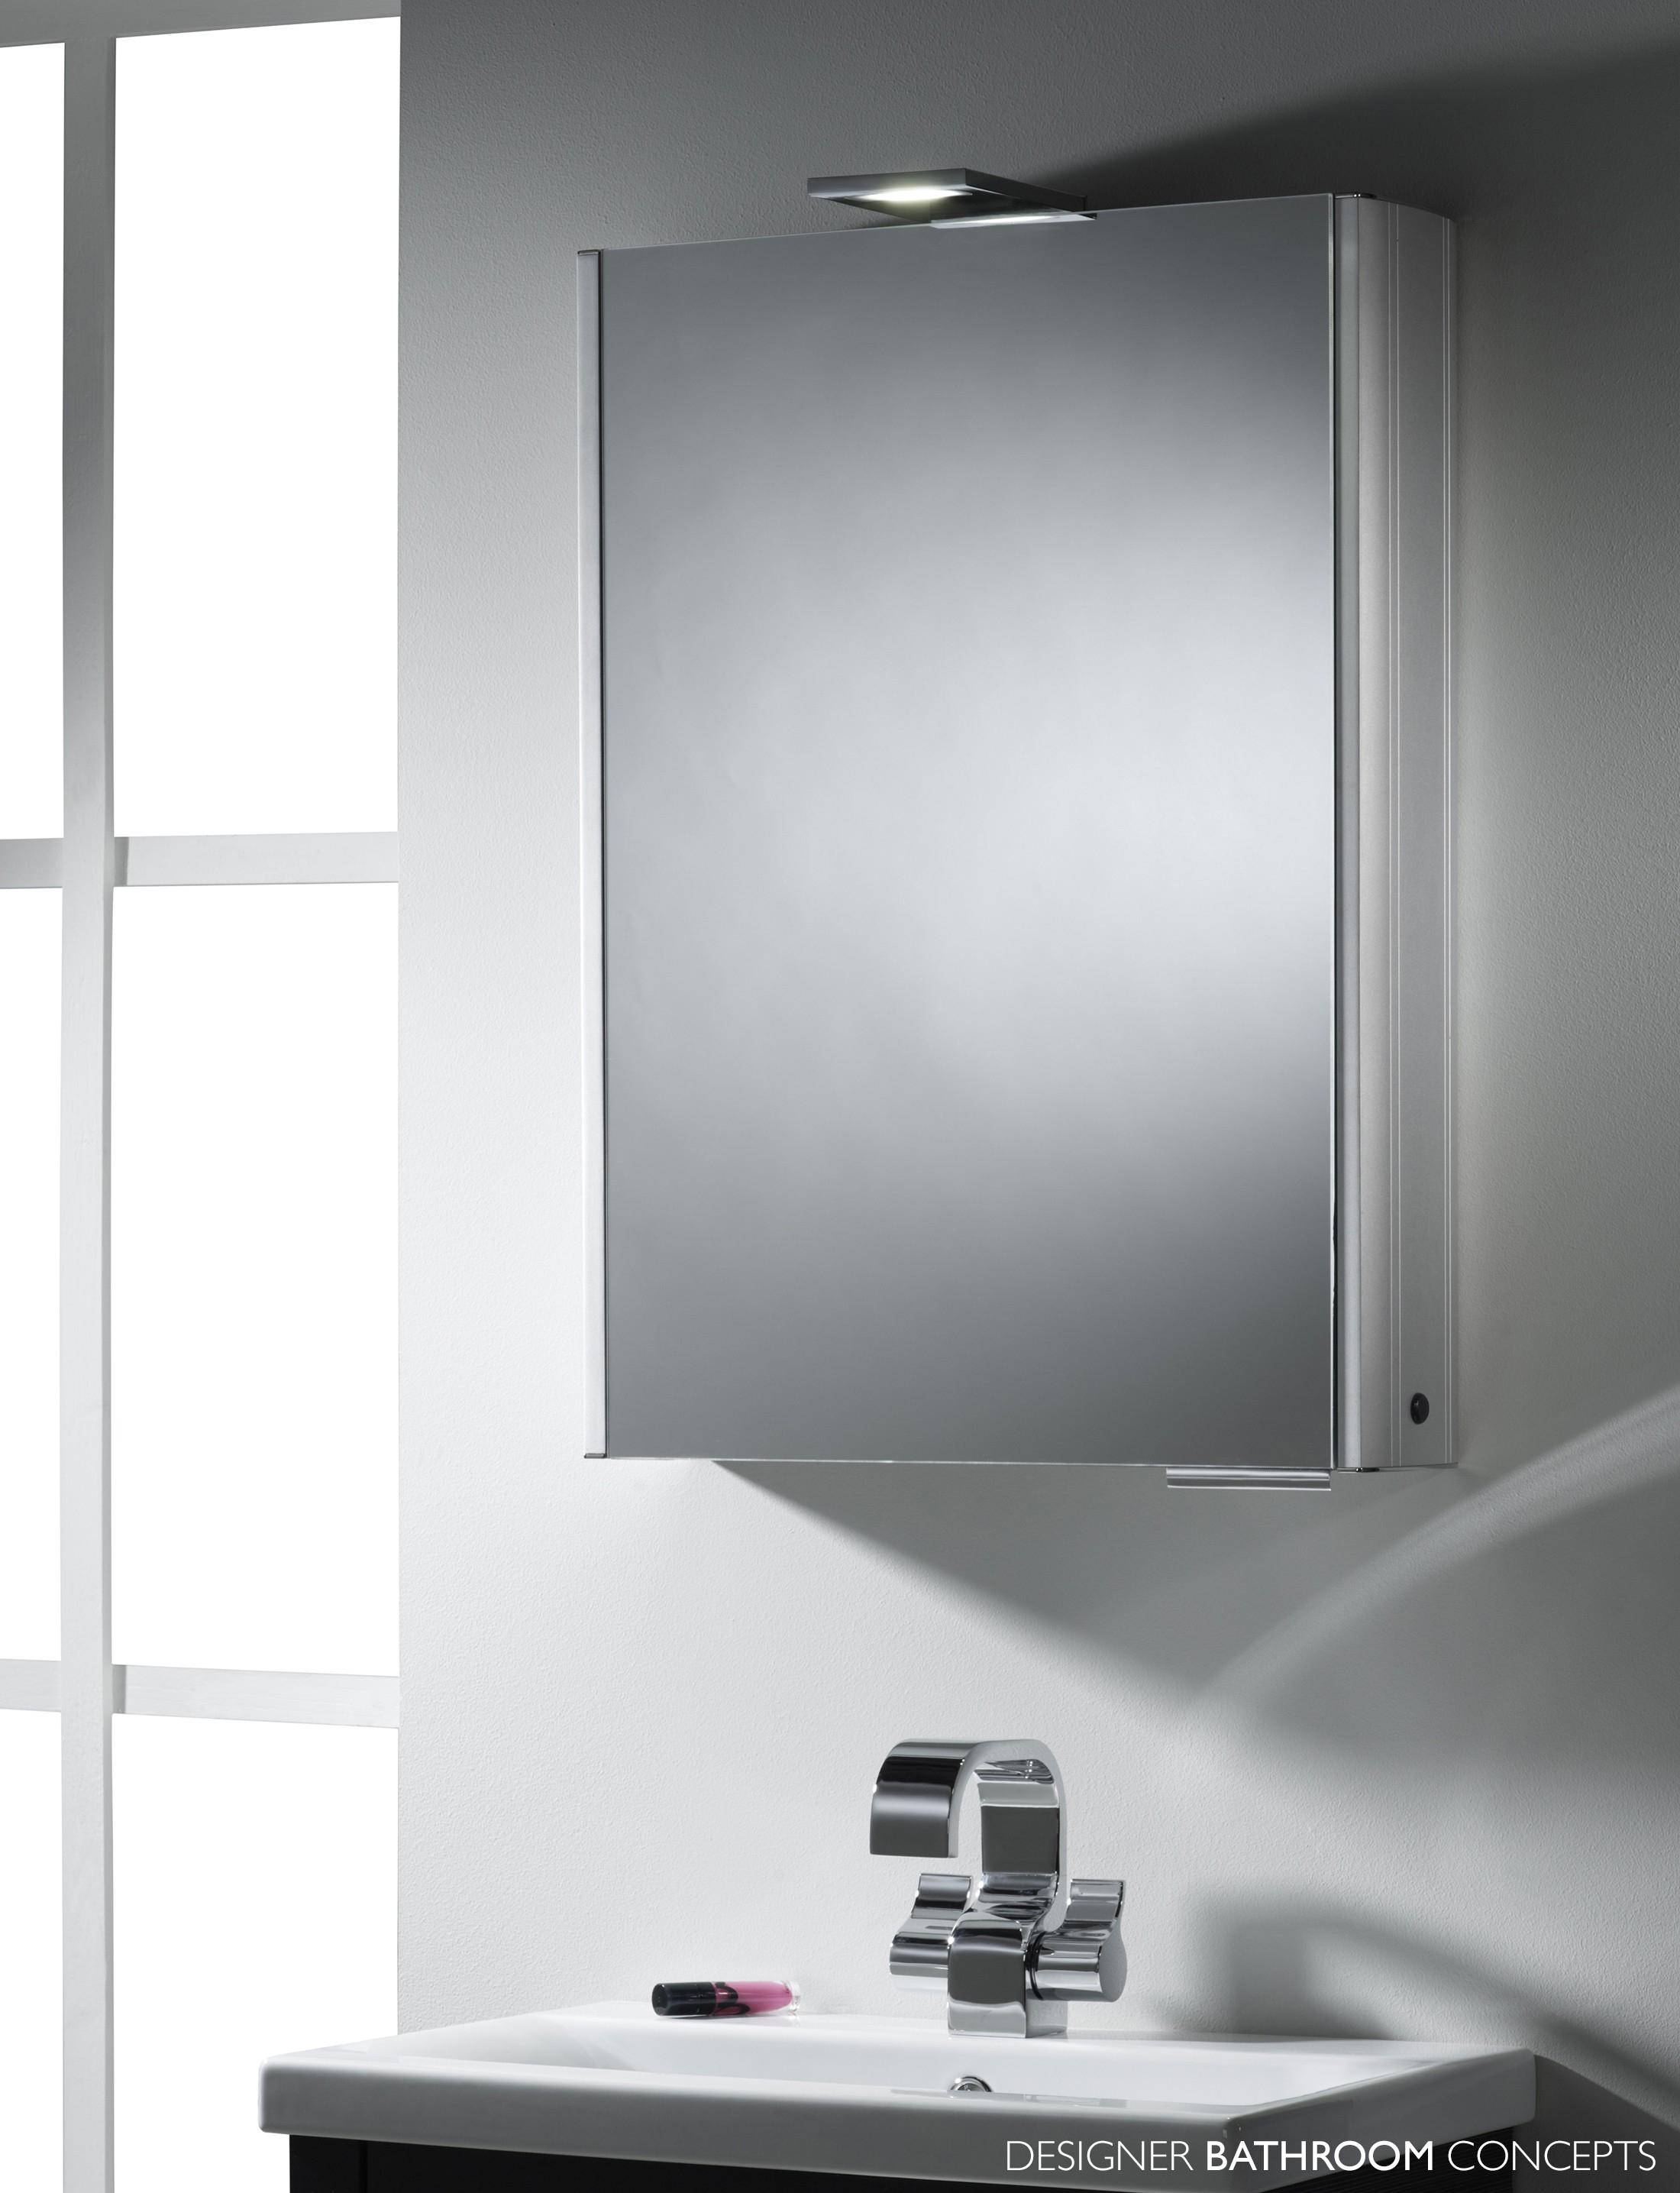 Bathroom Mirrors Heated Illuminated